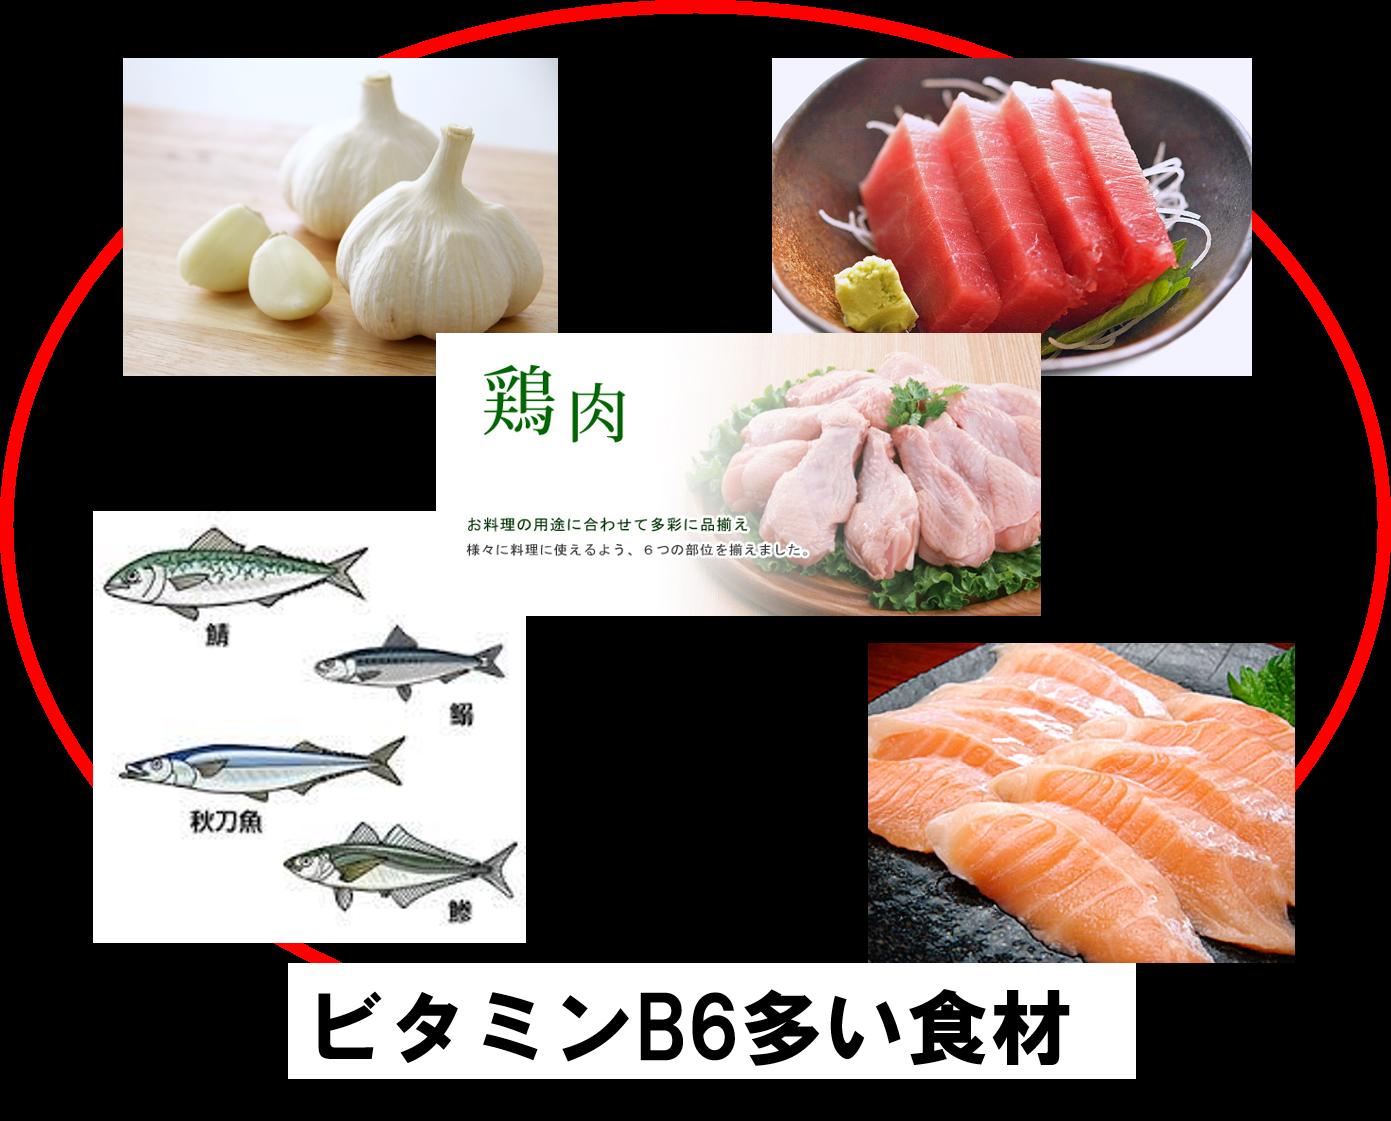 ビタミンB6多い食材